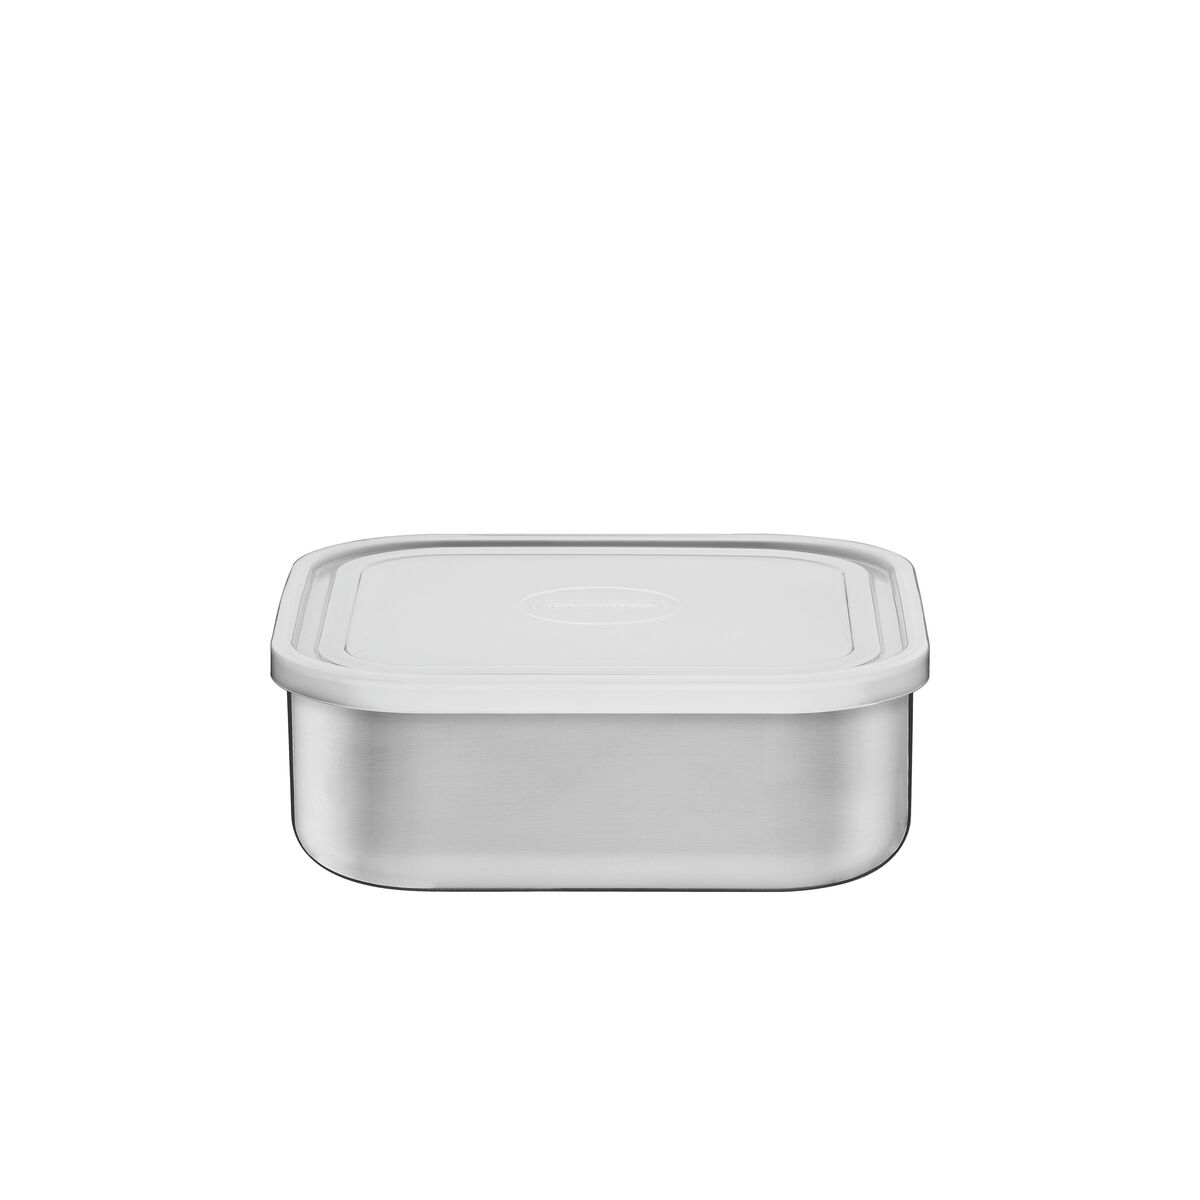 Contenedor Tramontina Freezinox de acero inoxidable cuadrado con tapa plástica 16 cm 1,2 L